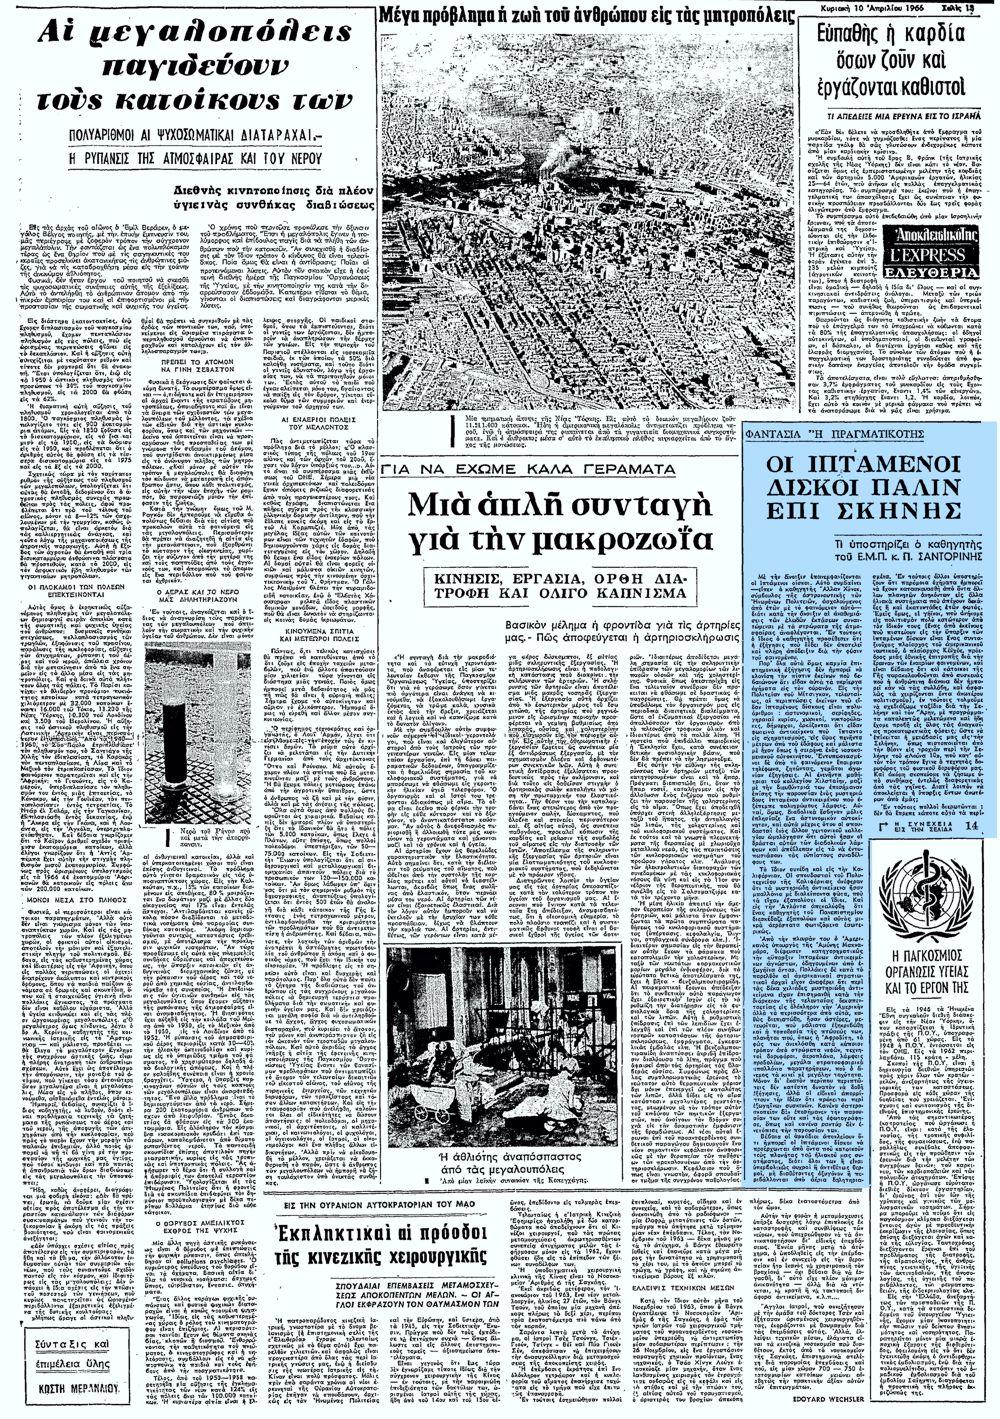 """Το άρθρο, όπως δημοσιεύθηκε στην εφημερίδα """"ΕΛΕΥΘΕΡΙΑ"""", στις 10/04/1966"""